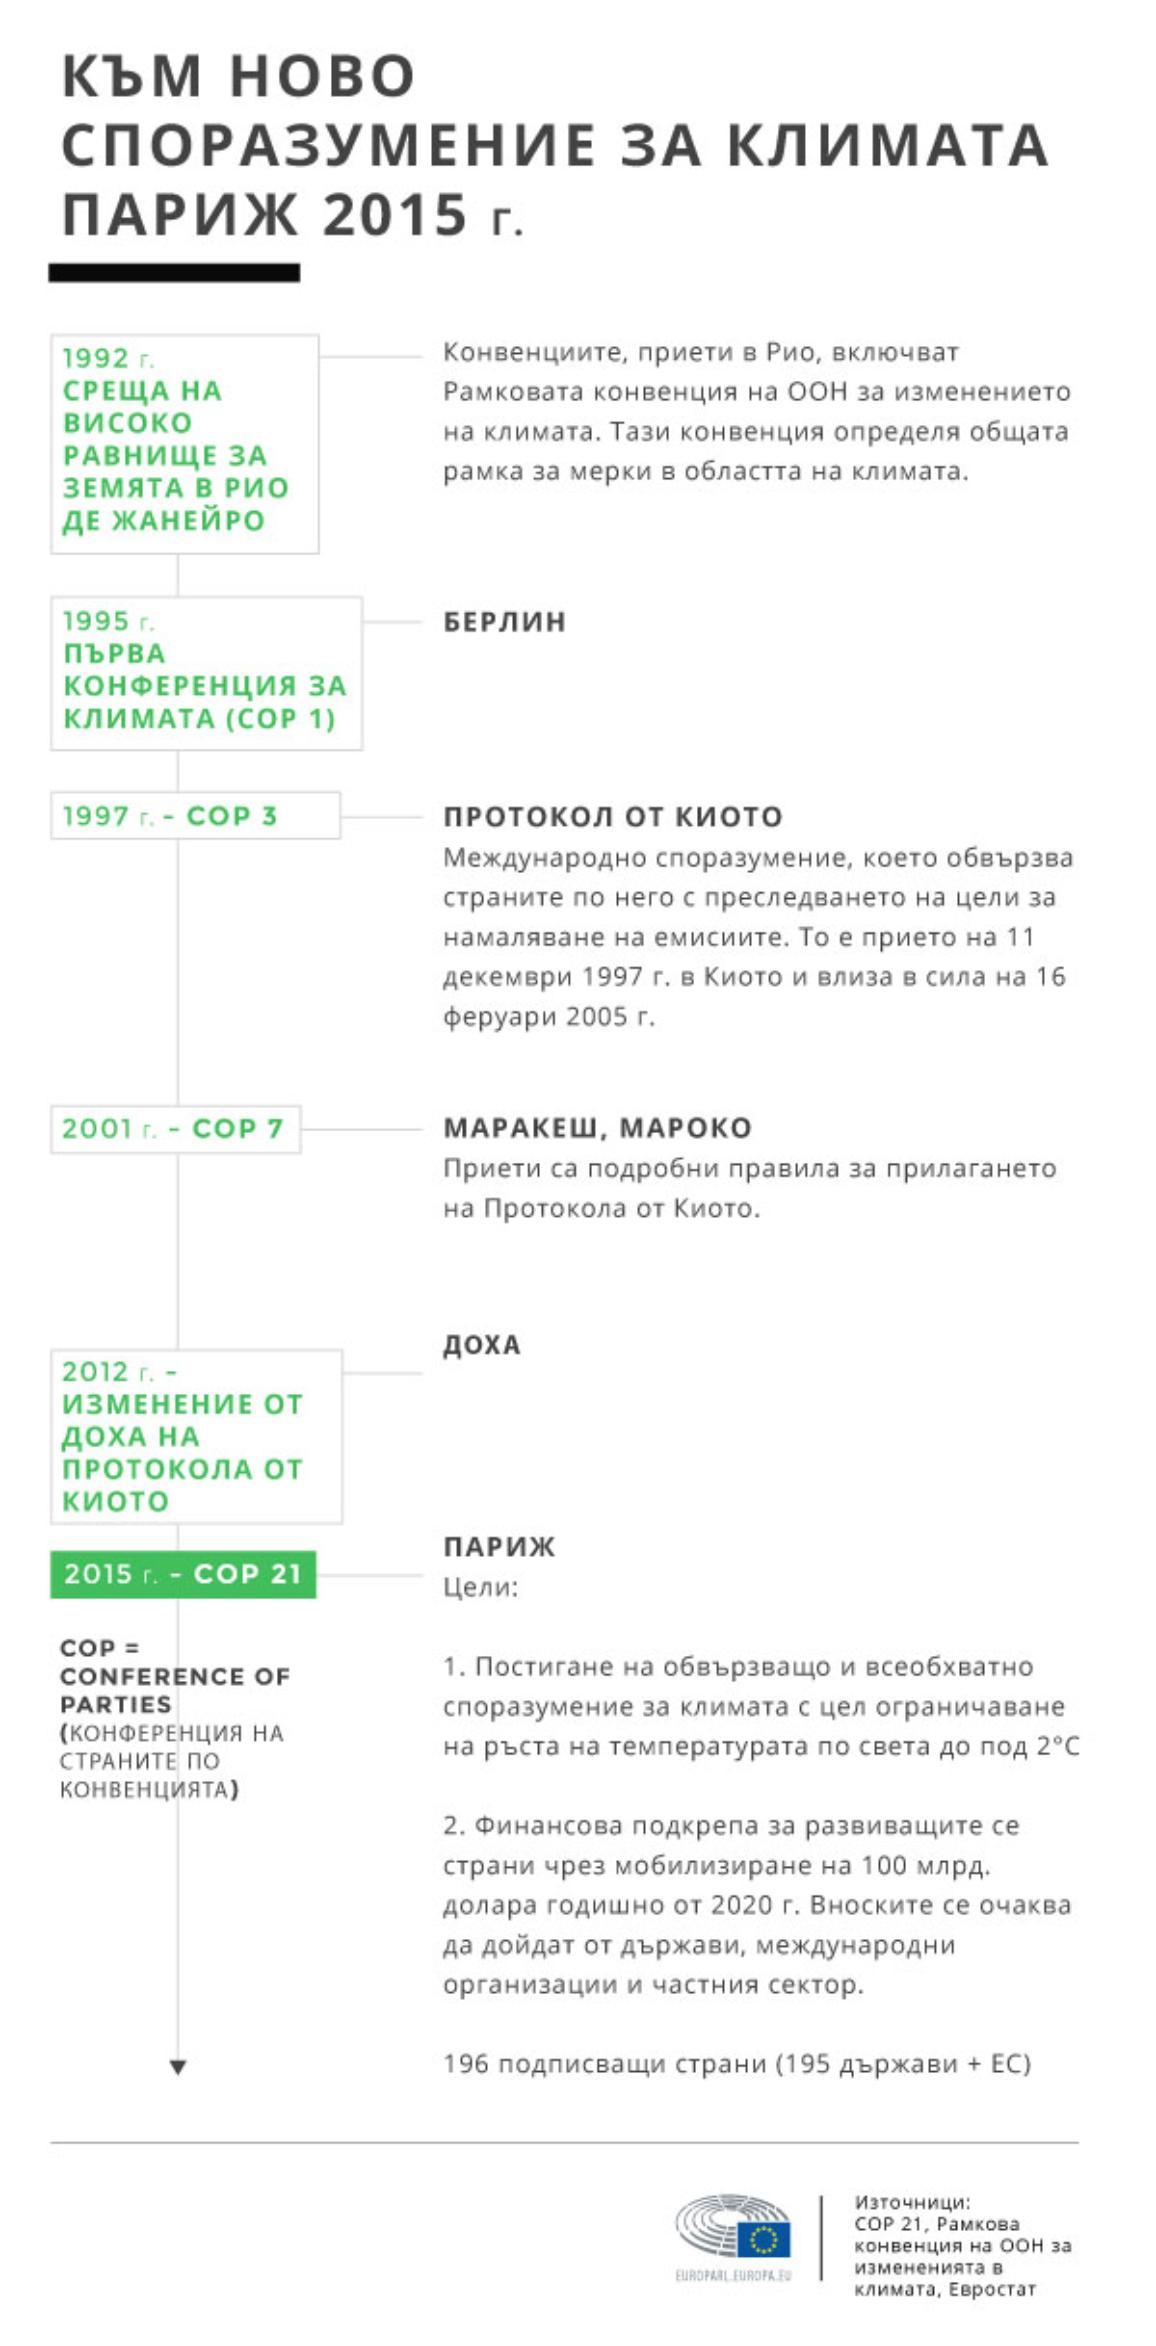 Инфографика: История на конференциите за климата